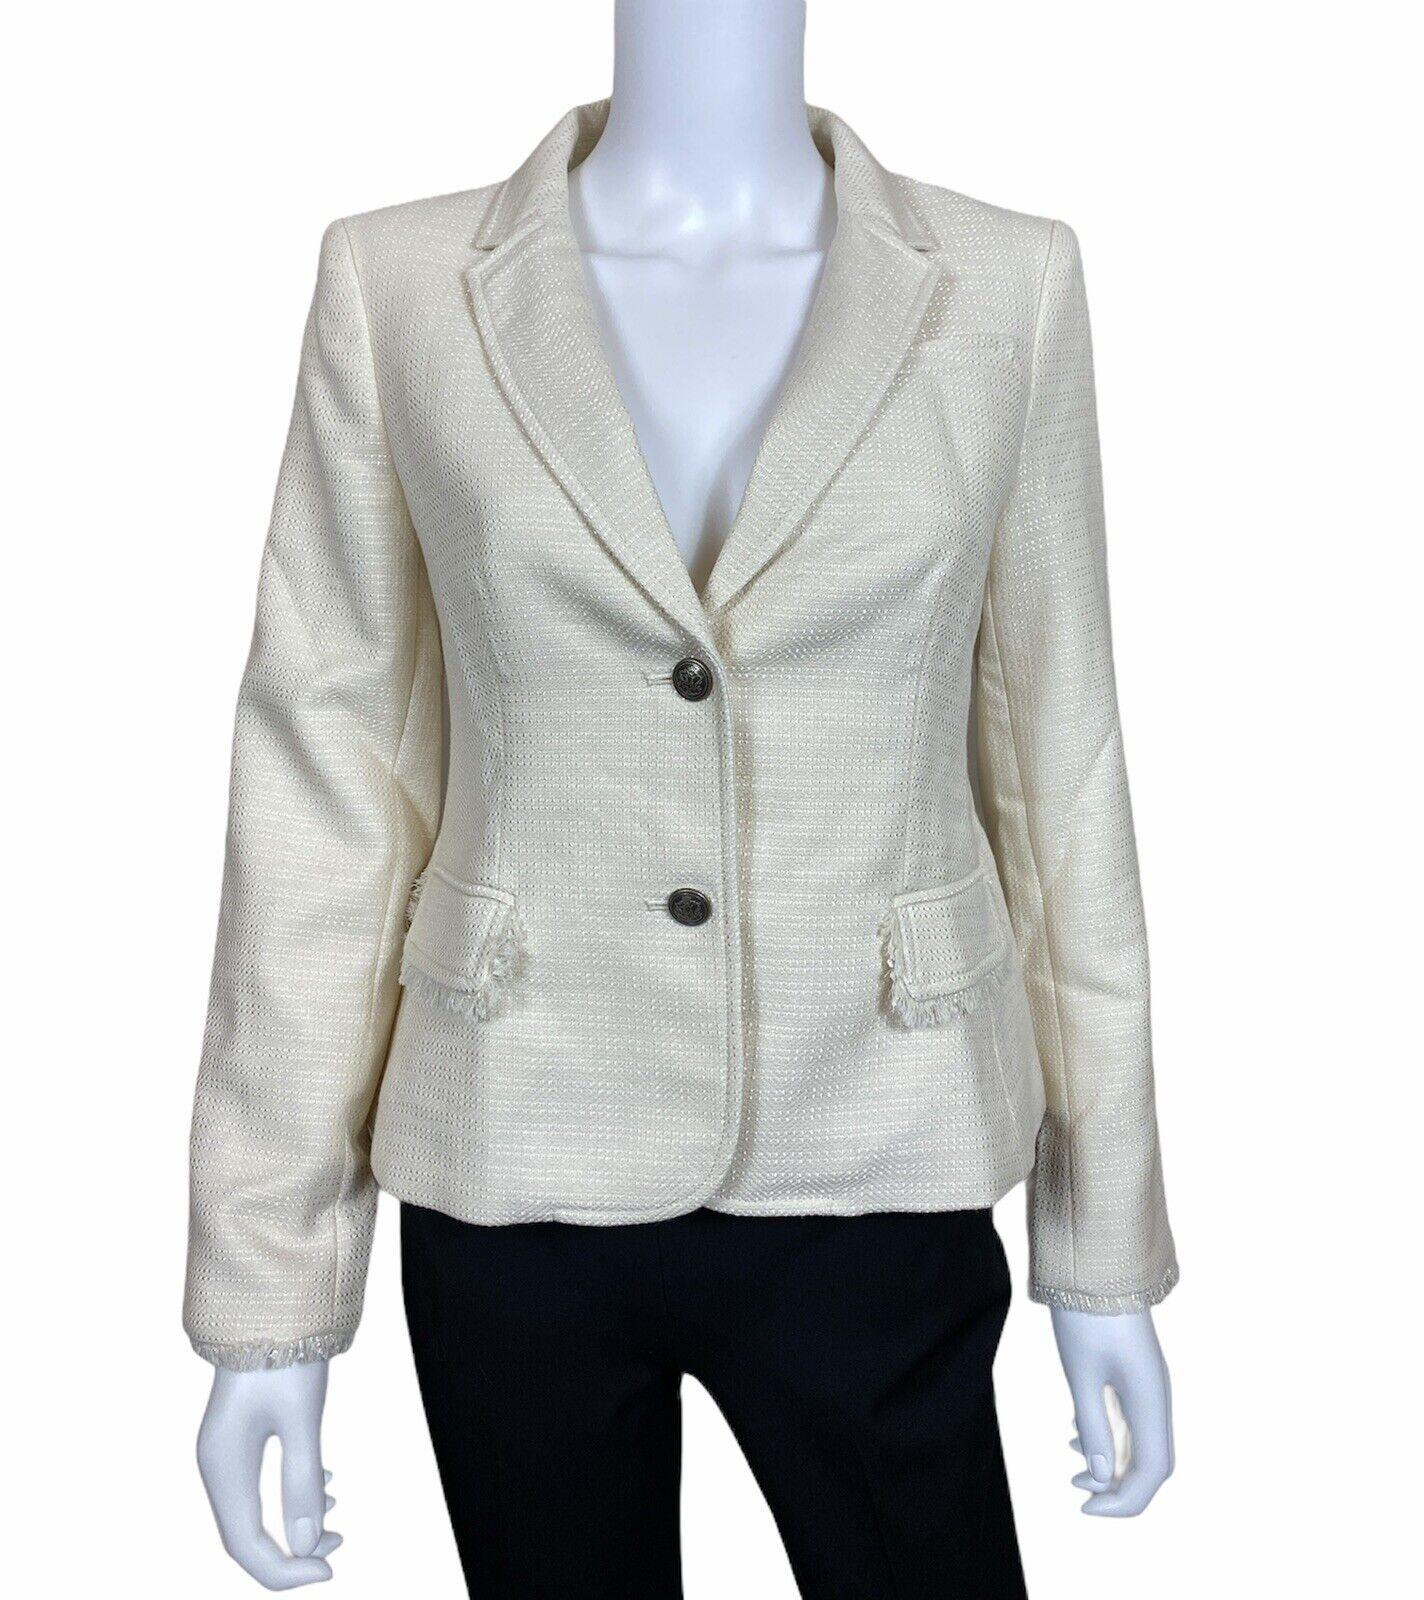 Banana Republic Women's Wool Blend Fringe Jacket Blazer size 6P Cream Ivory